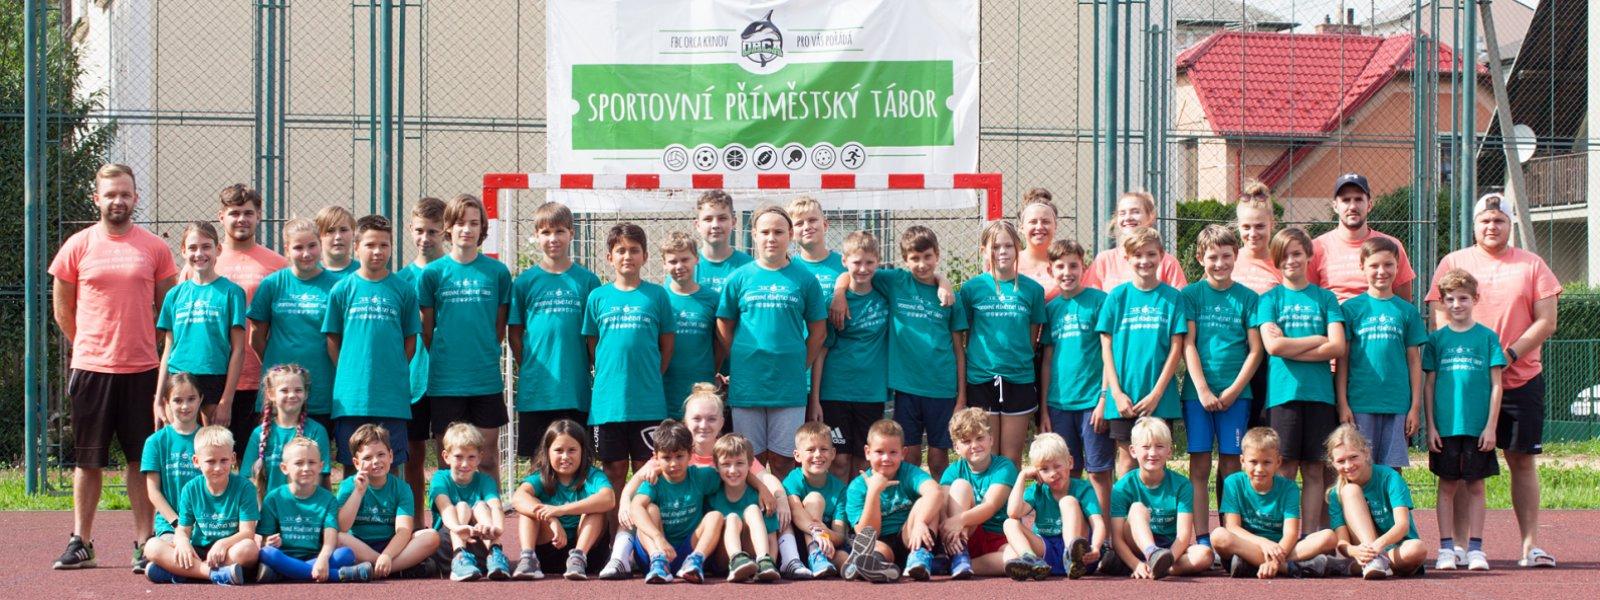 Sportovní příměstský tábor